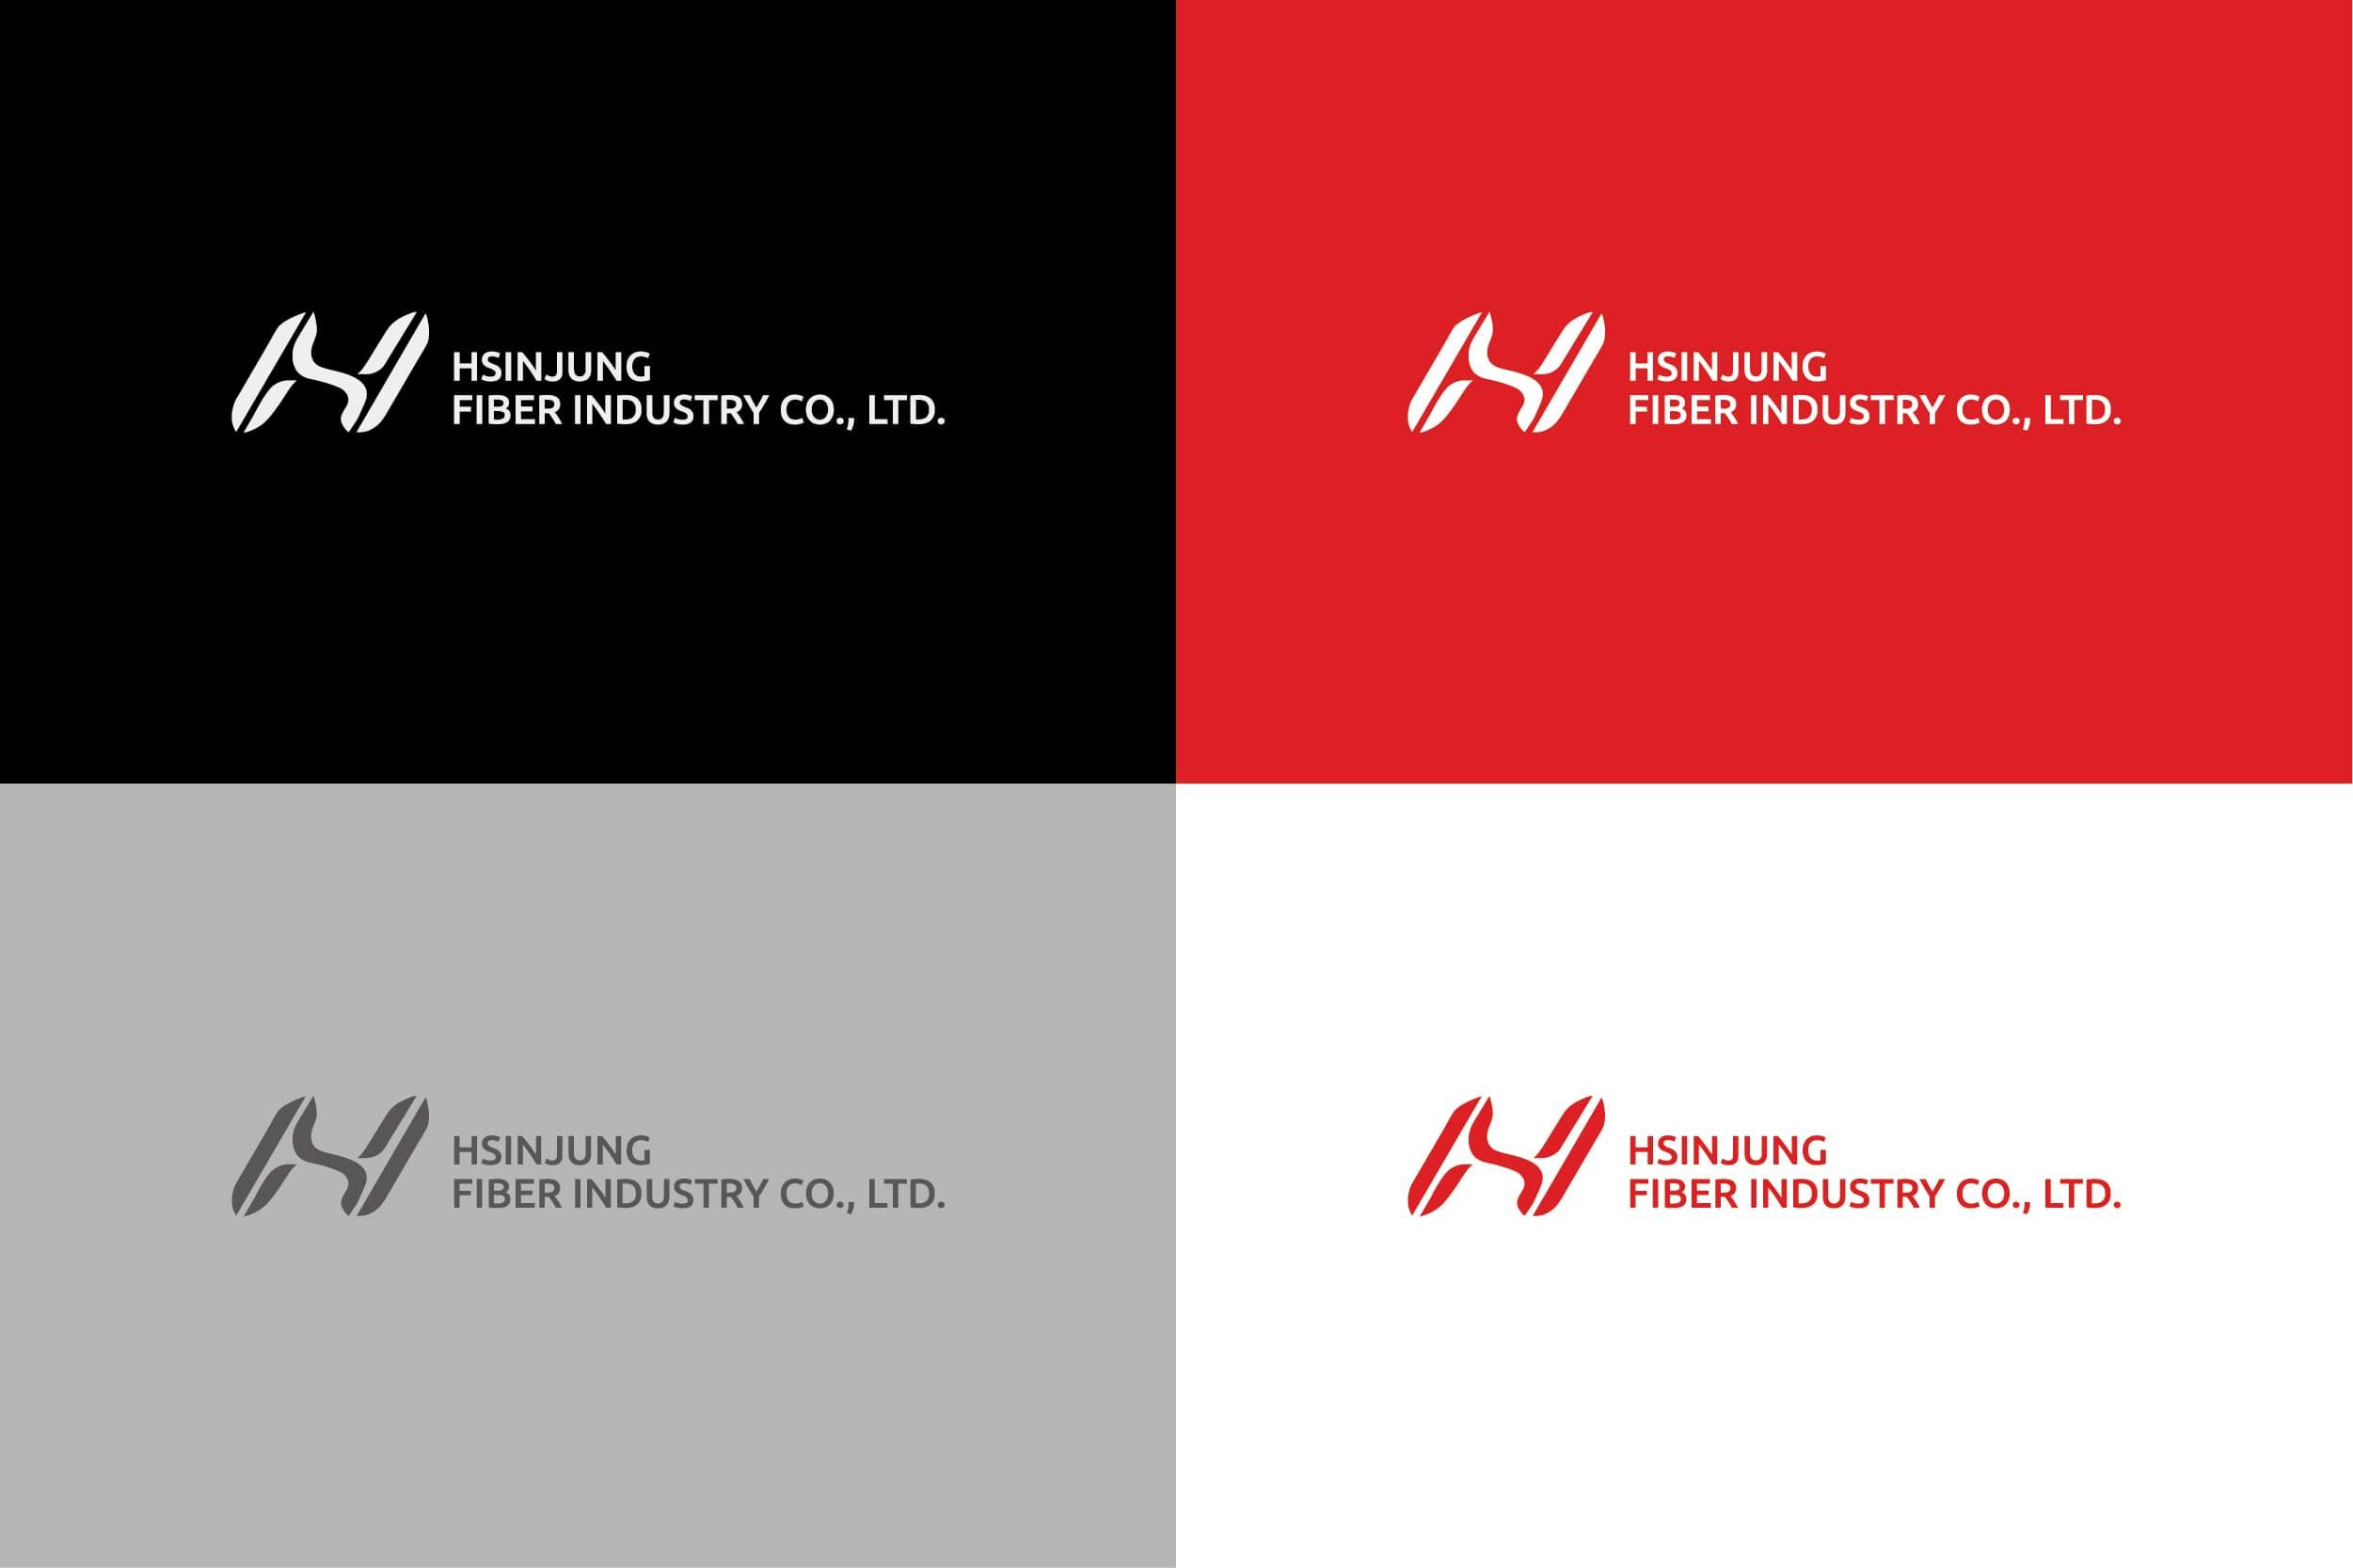 企業VI設計-色彩設定